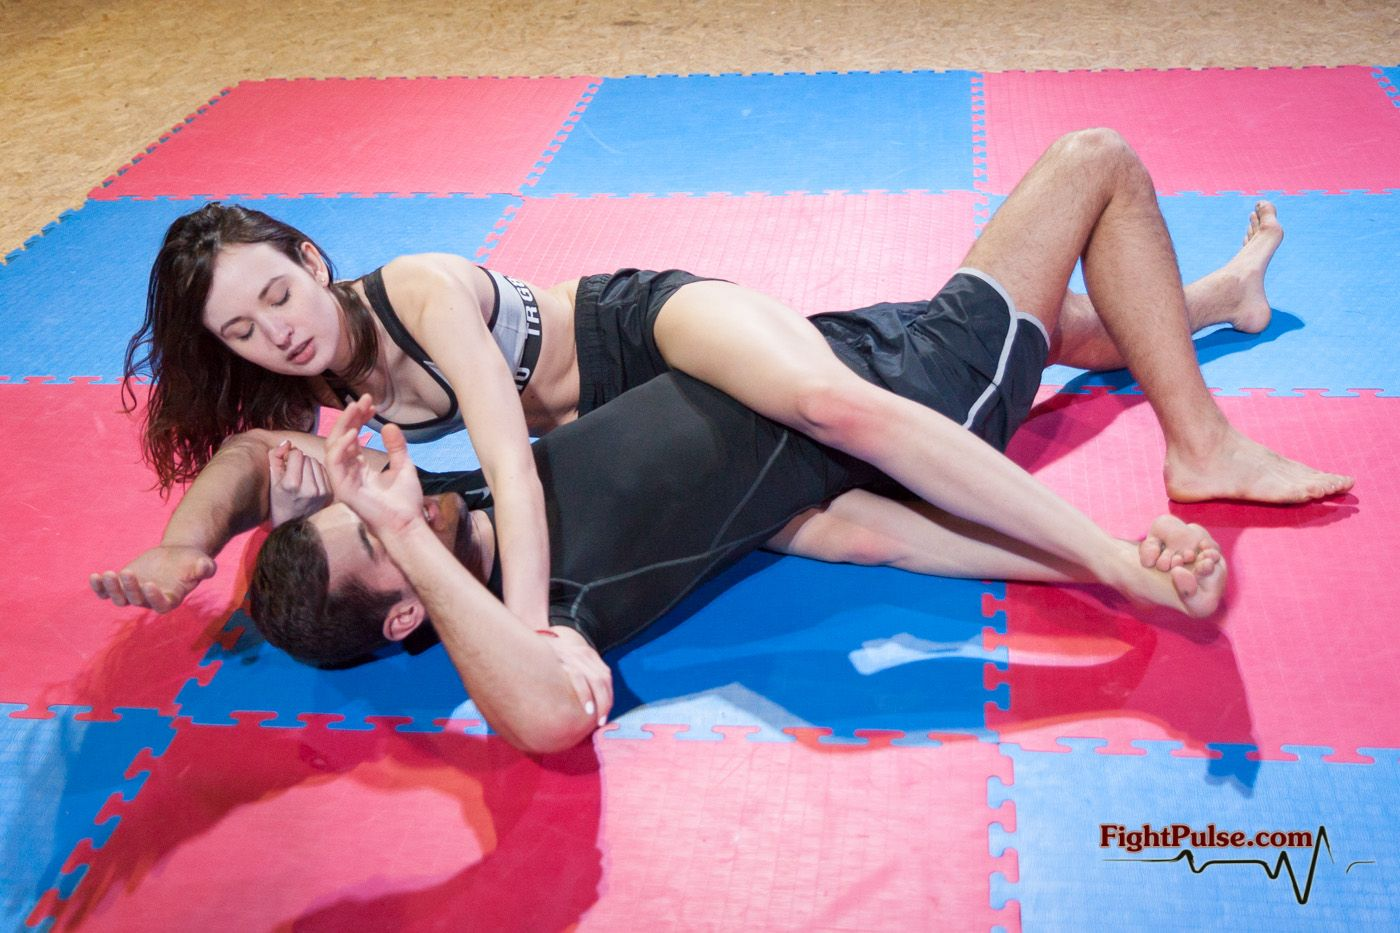 NC-19: Miss M vs Steve | scissorholds | Mixed wrestling, Wrestling